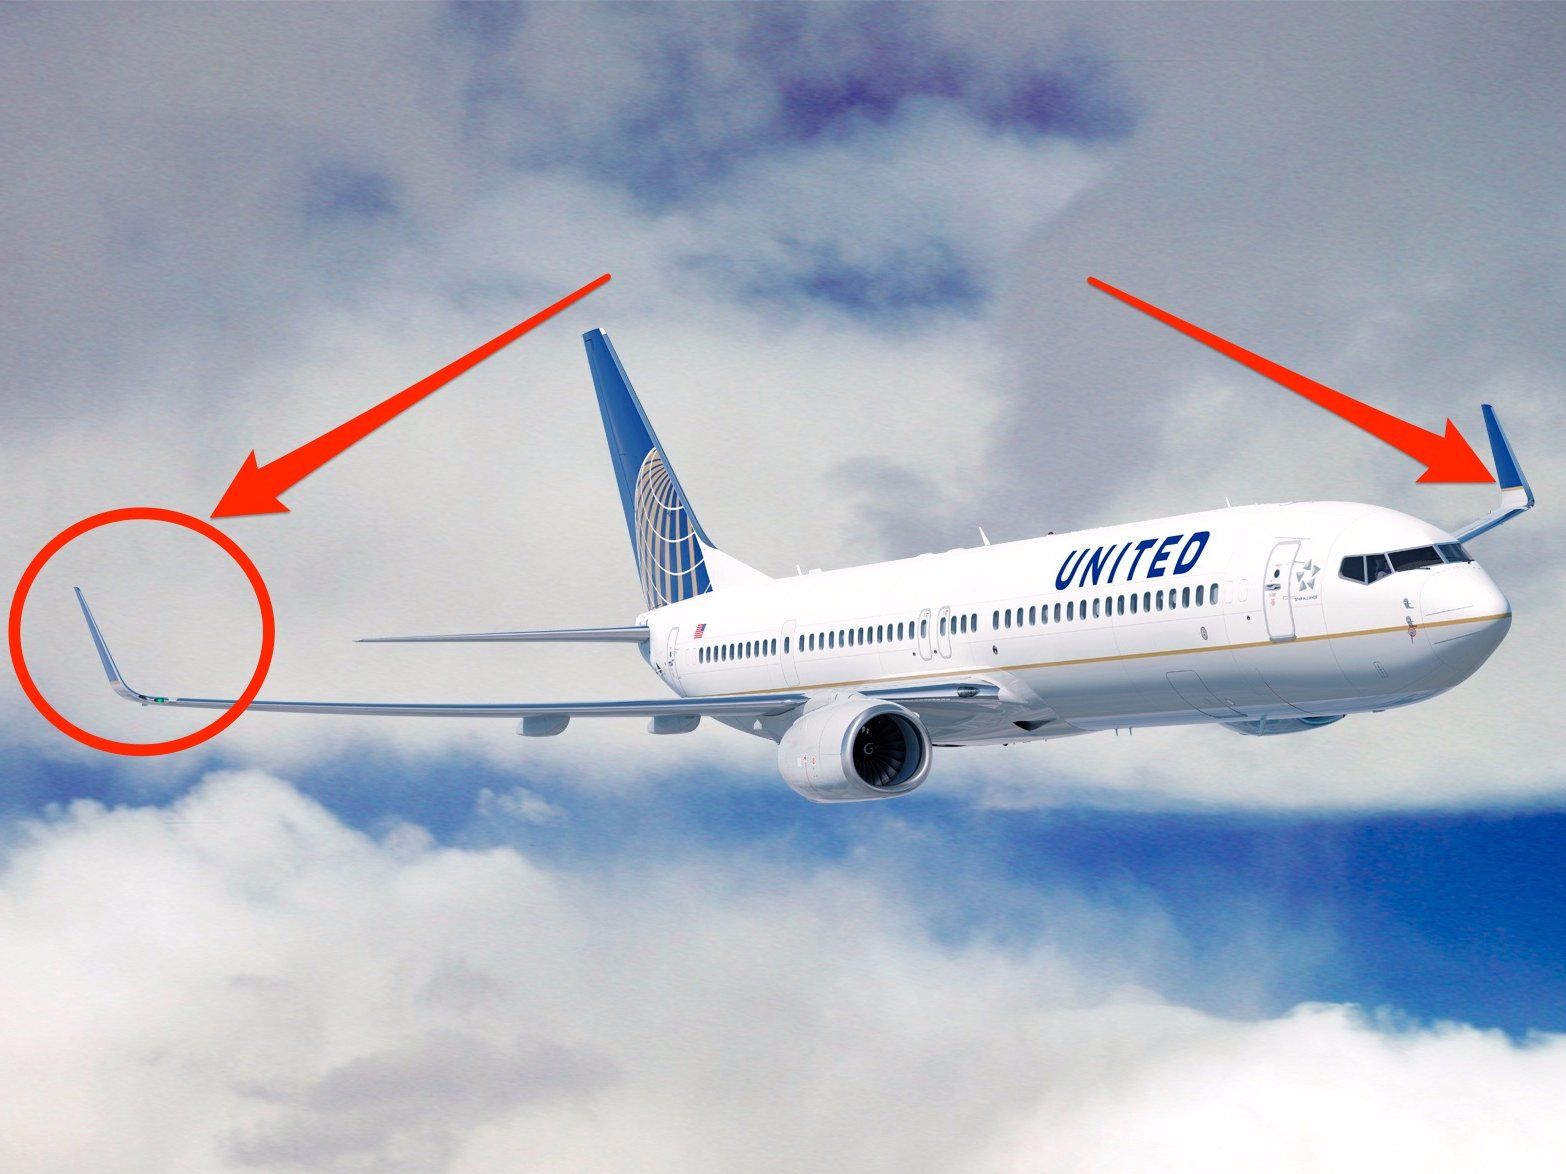 چرا از «بالچه» در انتهای بالهای هواپیما استفاده می شود؟ - روزیاتو